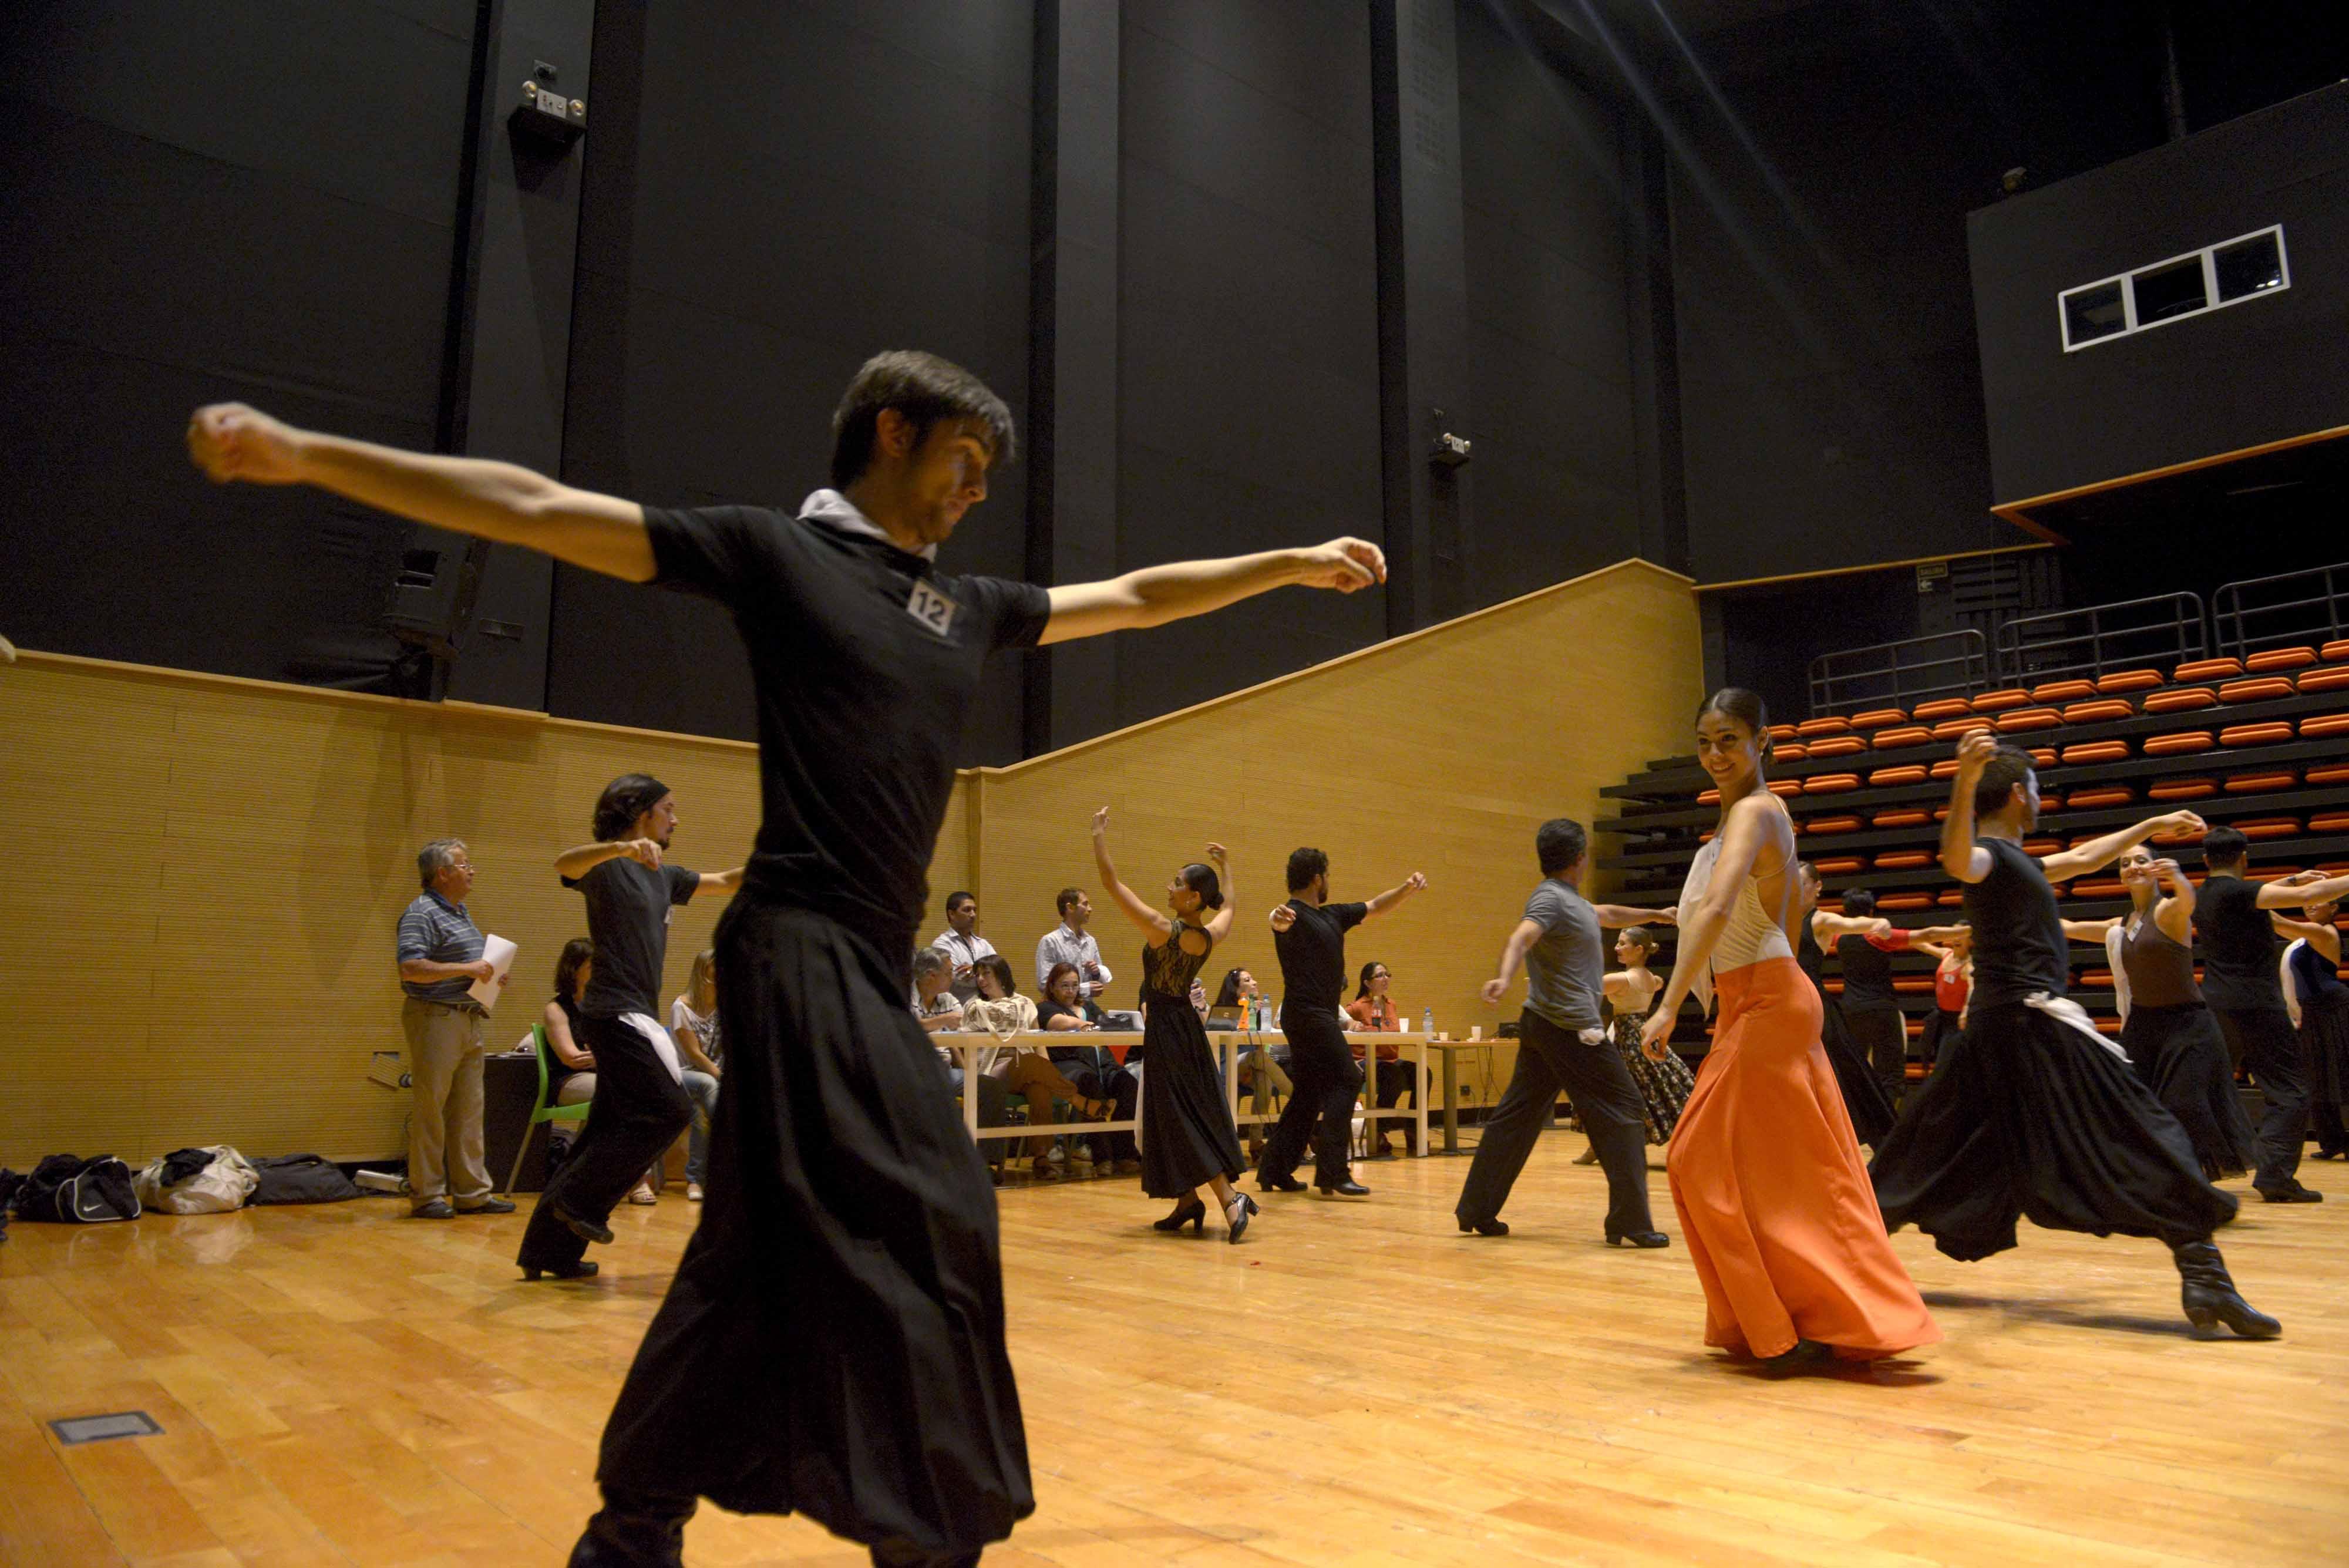 Audiciones para los bailarines folclóricos